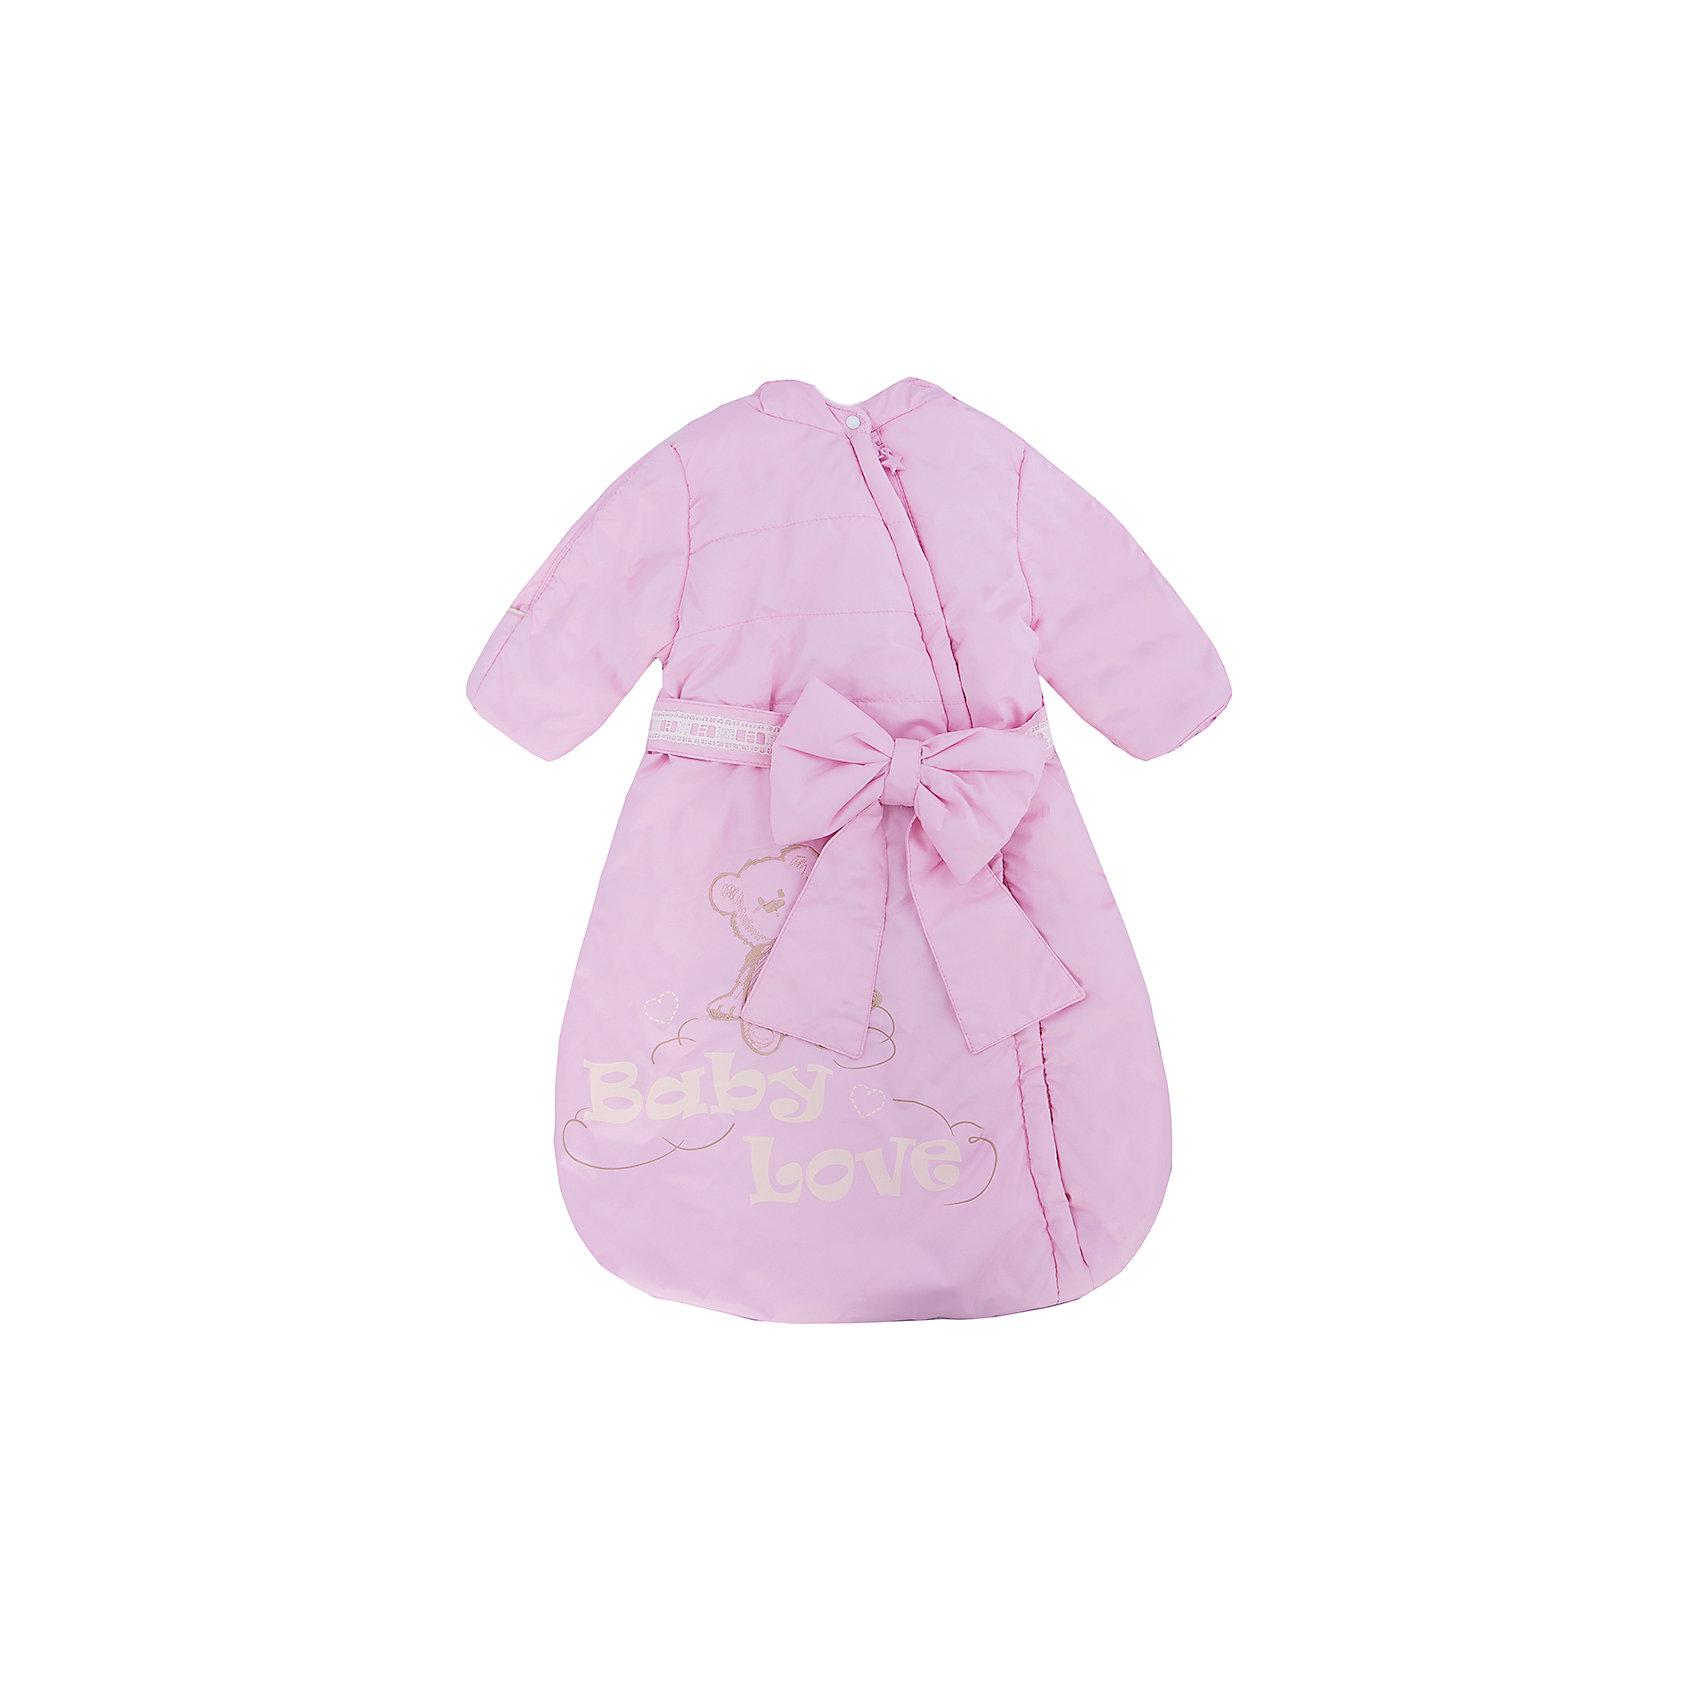 Конверт  для девочки АртельКонверты<br>Конверт от торговой марки Артель &#13;<br>&#13;<br>Для самых маленьких - только самое лучшее. Этот конверт имеет прочную, водо- и ветроотталкивающую внешнюю оболочку и мягкую подкладку. Красивая и удобная вещь.<br>Одежда от бренда Артель – это высокое качество по приемлемой цене и всегда продуманный дизайн. &#13;<br>&#13;<br>Особенности модели: &#13;<br>- цвет - розовый;&#13;<br>- фланелевая подкладка;&#13;<br>- капюшон;<br>- утеплитель;&#13;<br>- украшен принтом (мишка) и поясом с бантом;&#13;<br>- застежка-молния, кнопки.&#13;<br>&#13;<br>Дополнительная информация:&#13;<br>&#13;<br>Состав: &#13;<br>- верх: Dewspo FD;<br>- подкладка: интерлок;<br>- утеплитель: термофайбер 100 г<br>&#13;<br>Температурный режим: &#13;<br>от - 10 °C до + 10 °C&#13;<br>&#13;<br>Конверт Артель (Artel) можно купить в нашем магазине.<br><br>Ширина мм: 356<br>Глубина мм: 10<br>Высота мм: 245<br>Вес г: 519<br>Цвет: розовый<br>Возраст от месяцев: 3<br>Возраст до месяцев: 6<br>Пол: Женский<br>Возраст: Детский<br>Размер: 68,62<br>SKU: 4495938